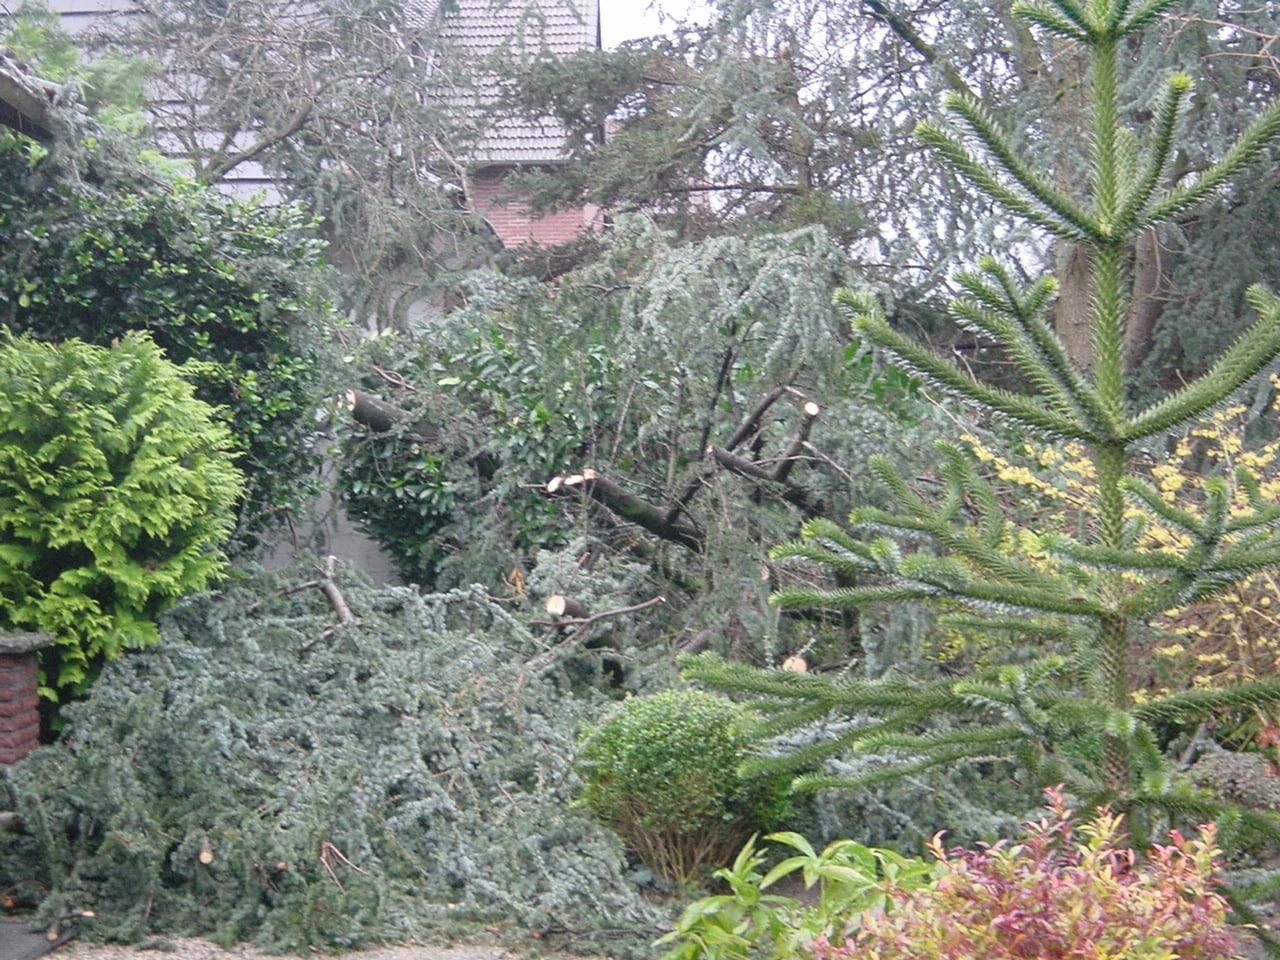 Sturmschadenbeseitigung in Gartenanlagen in Bad Oeynhausen